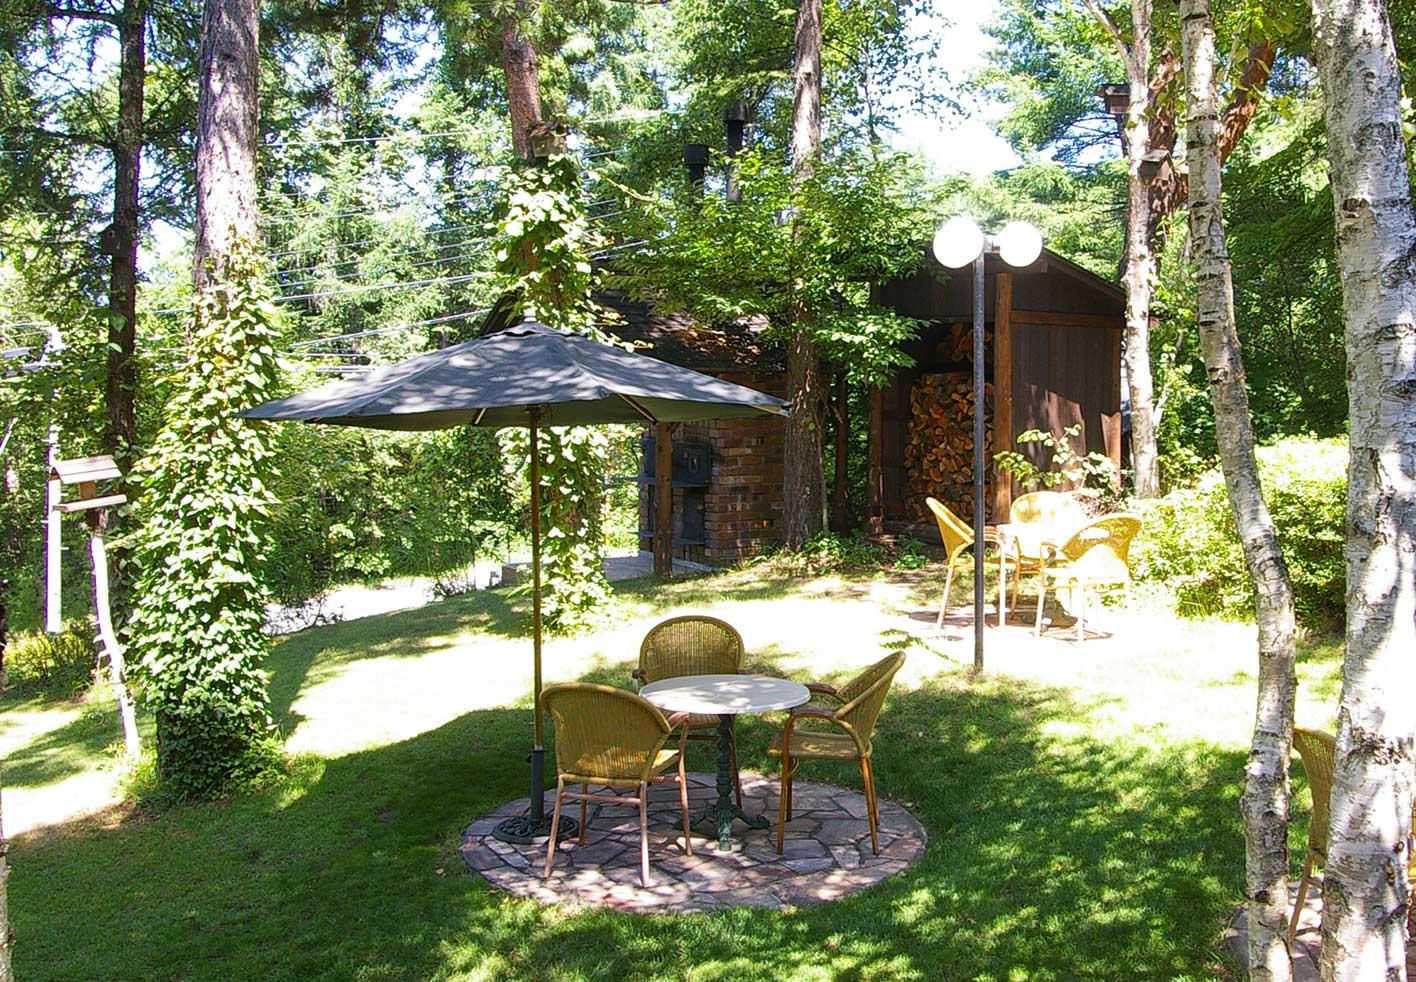 ガーデンは木漏れ日溢れる緑の空間